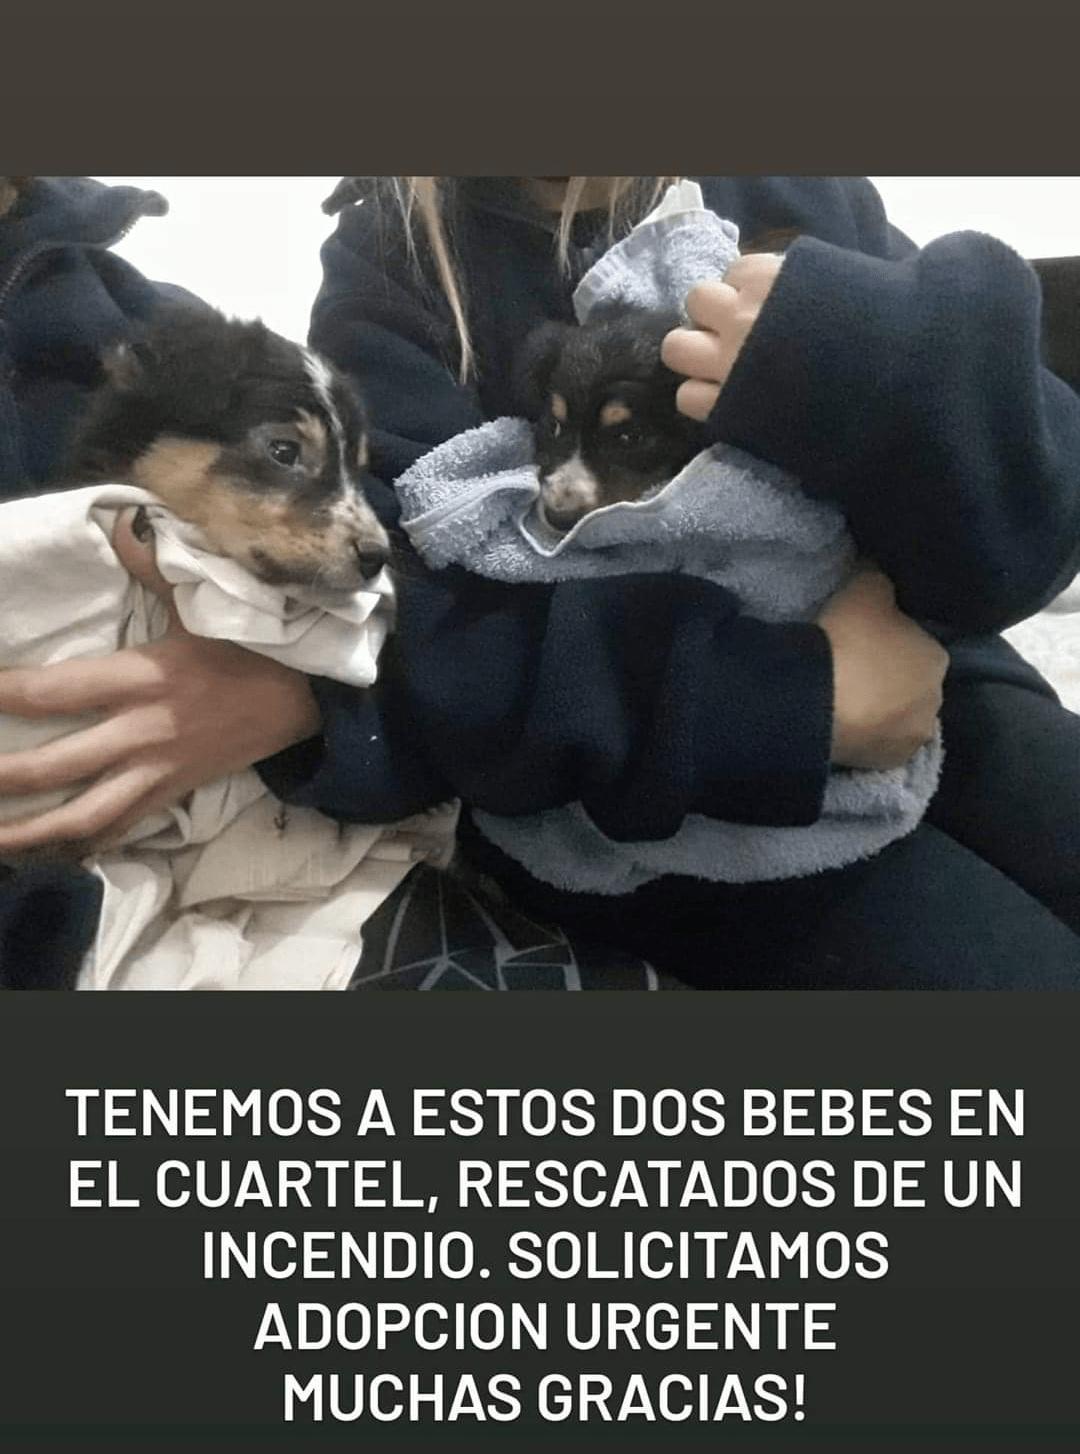 Bomberos rescataron a 2 cachorritos de un incendio y ahora buscan hogar 1